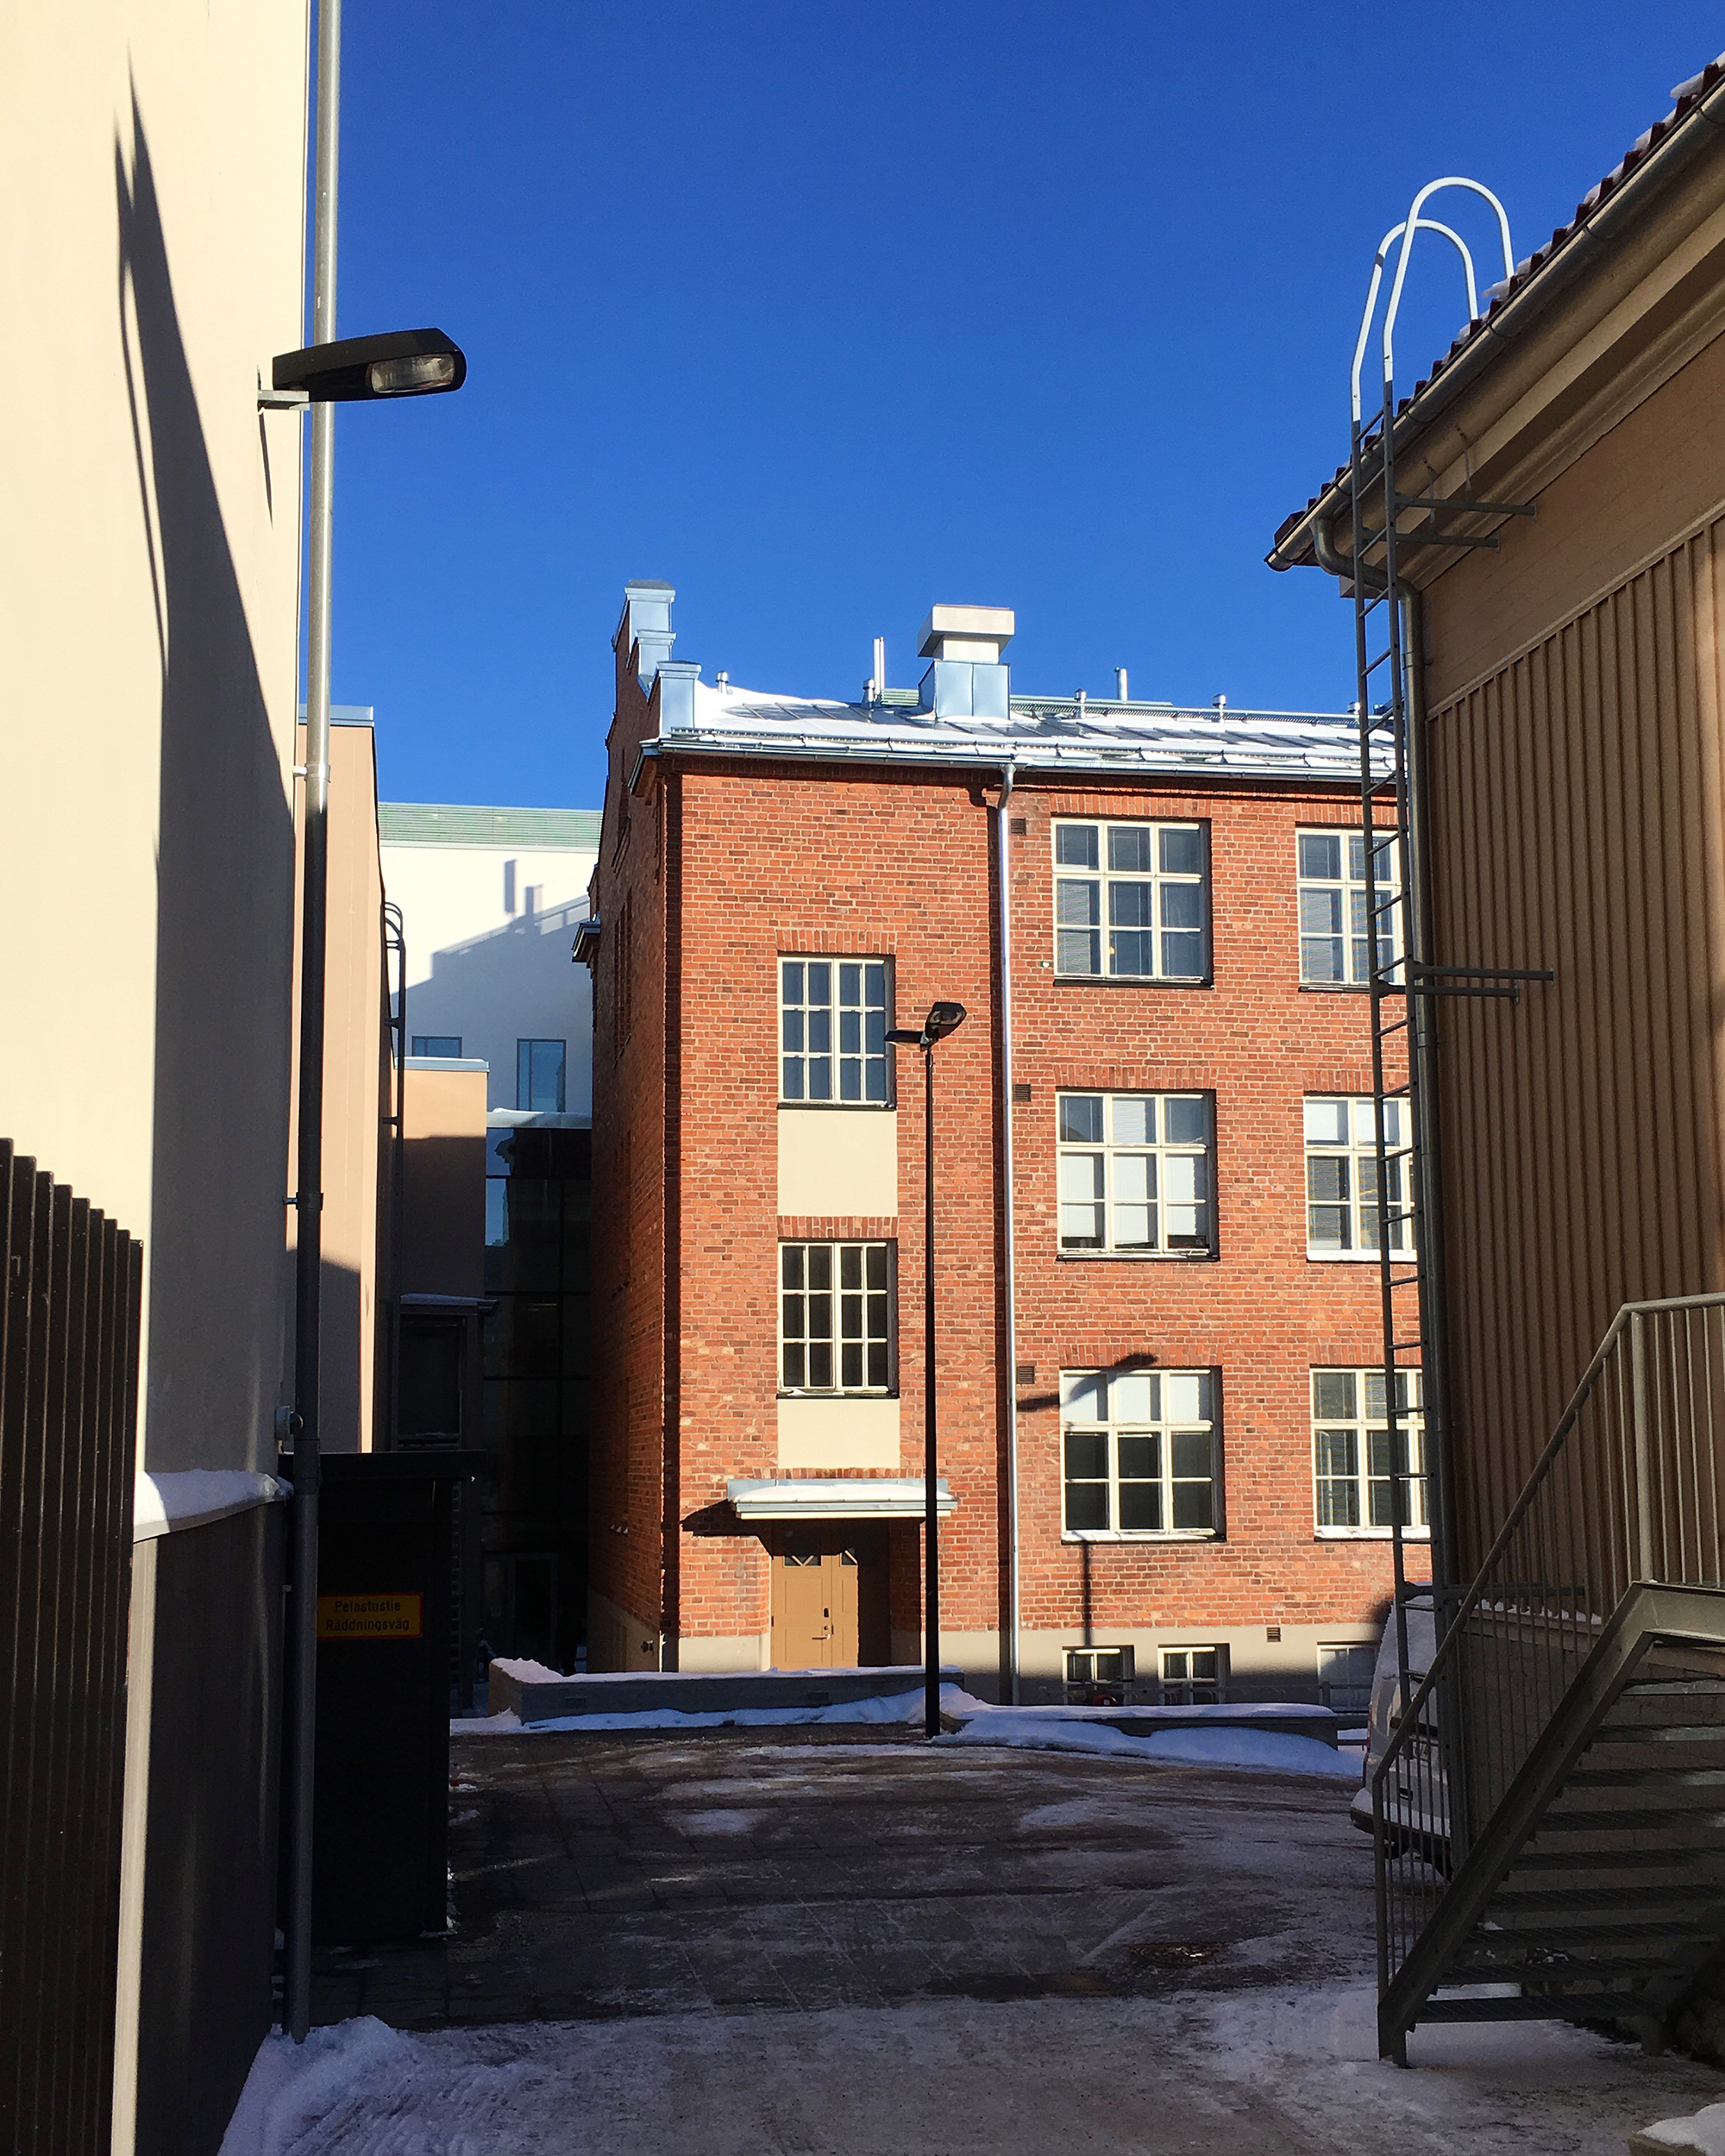 Memento_fotografering-Jakobstad-Campus-Allegro-Storgatan-kontor.jpg